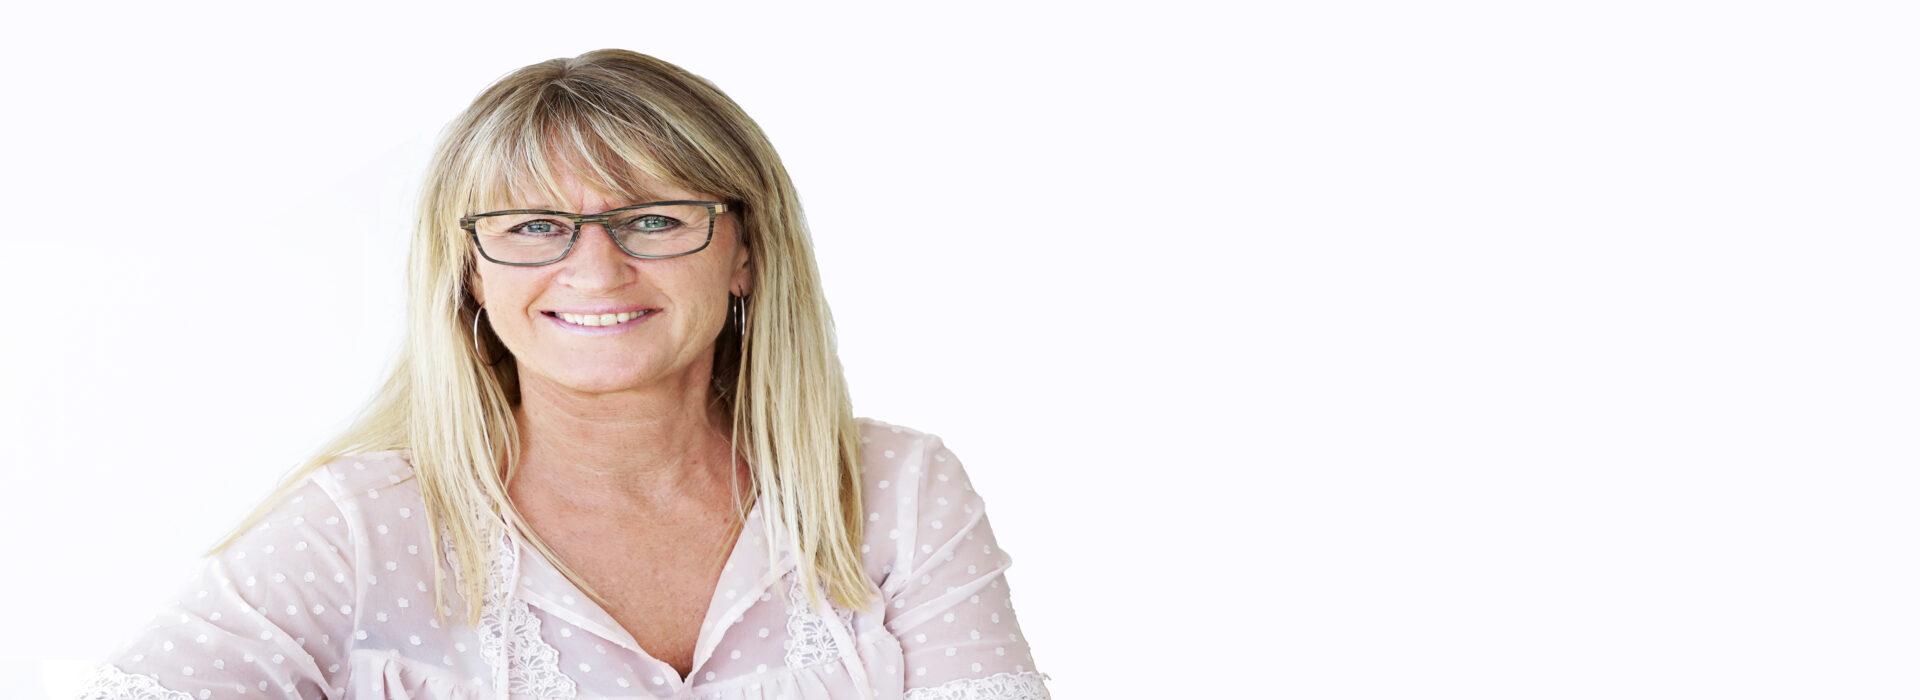 Tina Friis Larsen